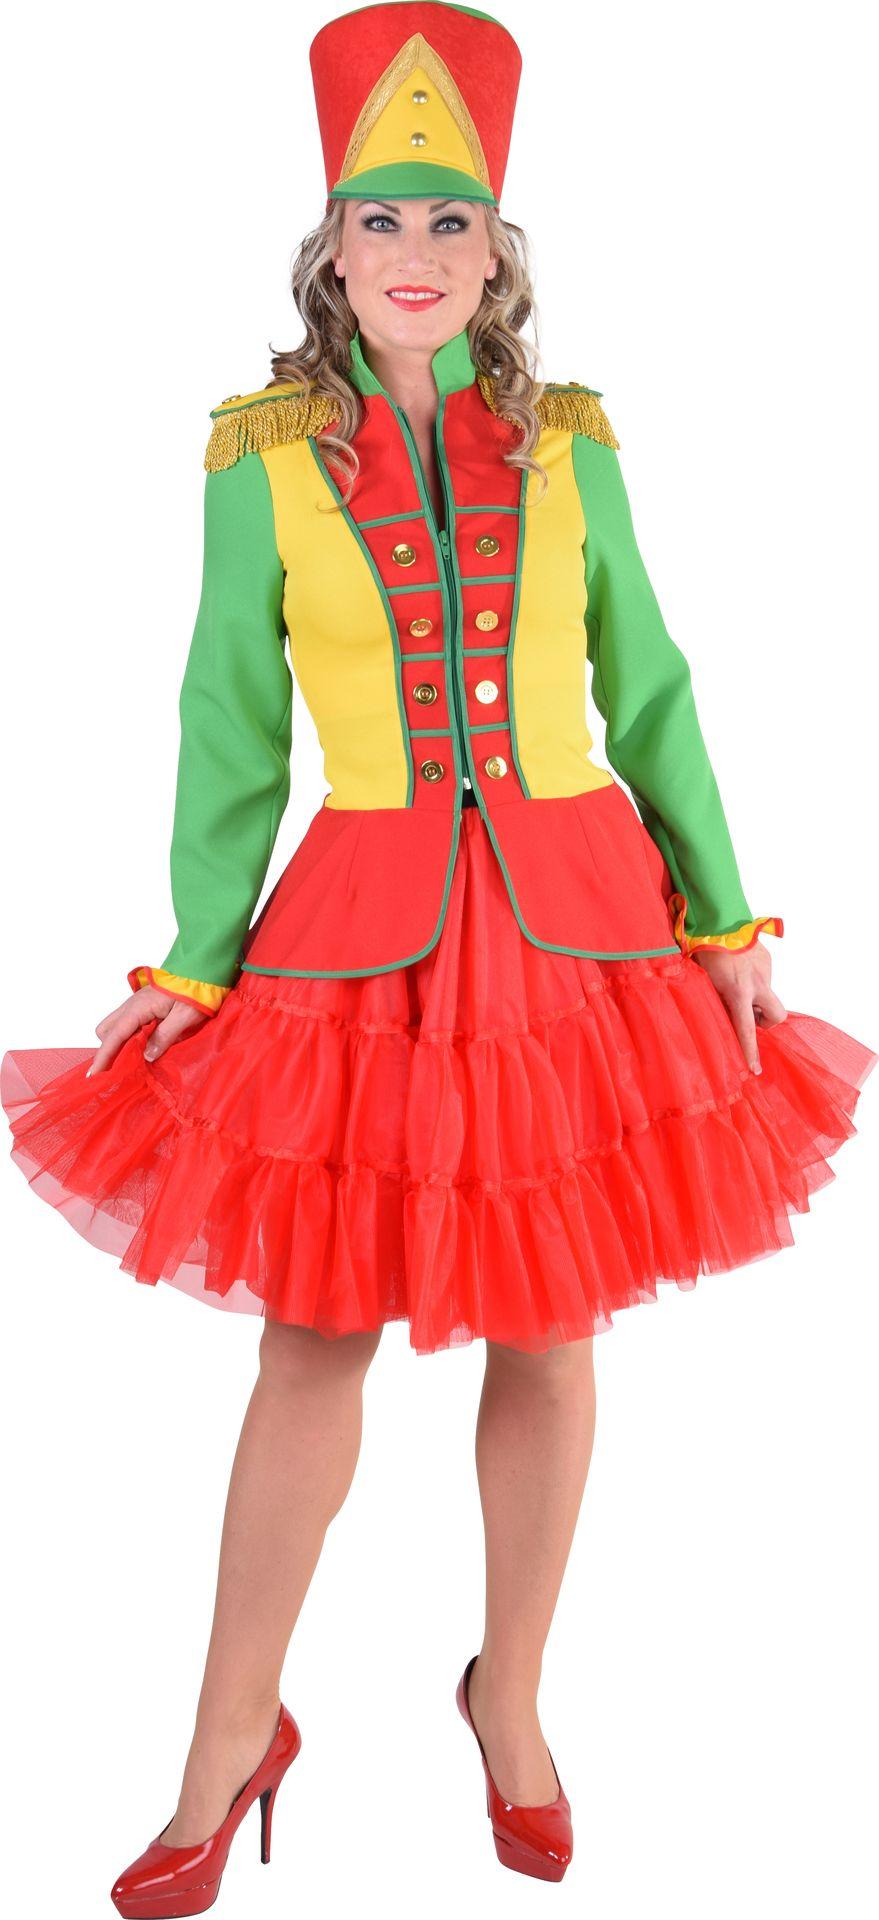 Carnavals jas groen geel rood vrouwen